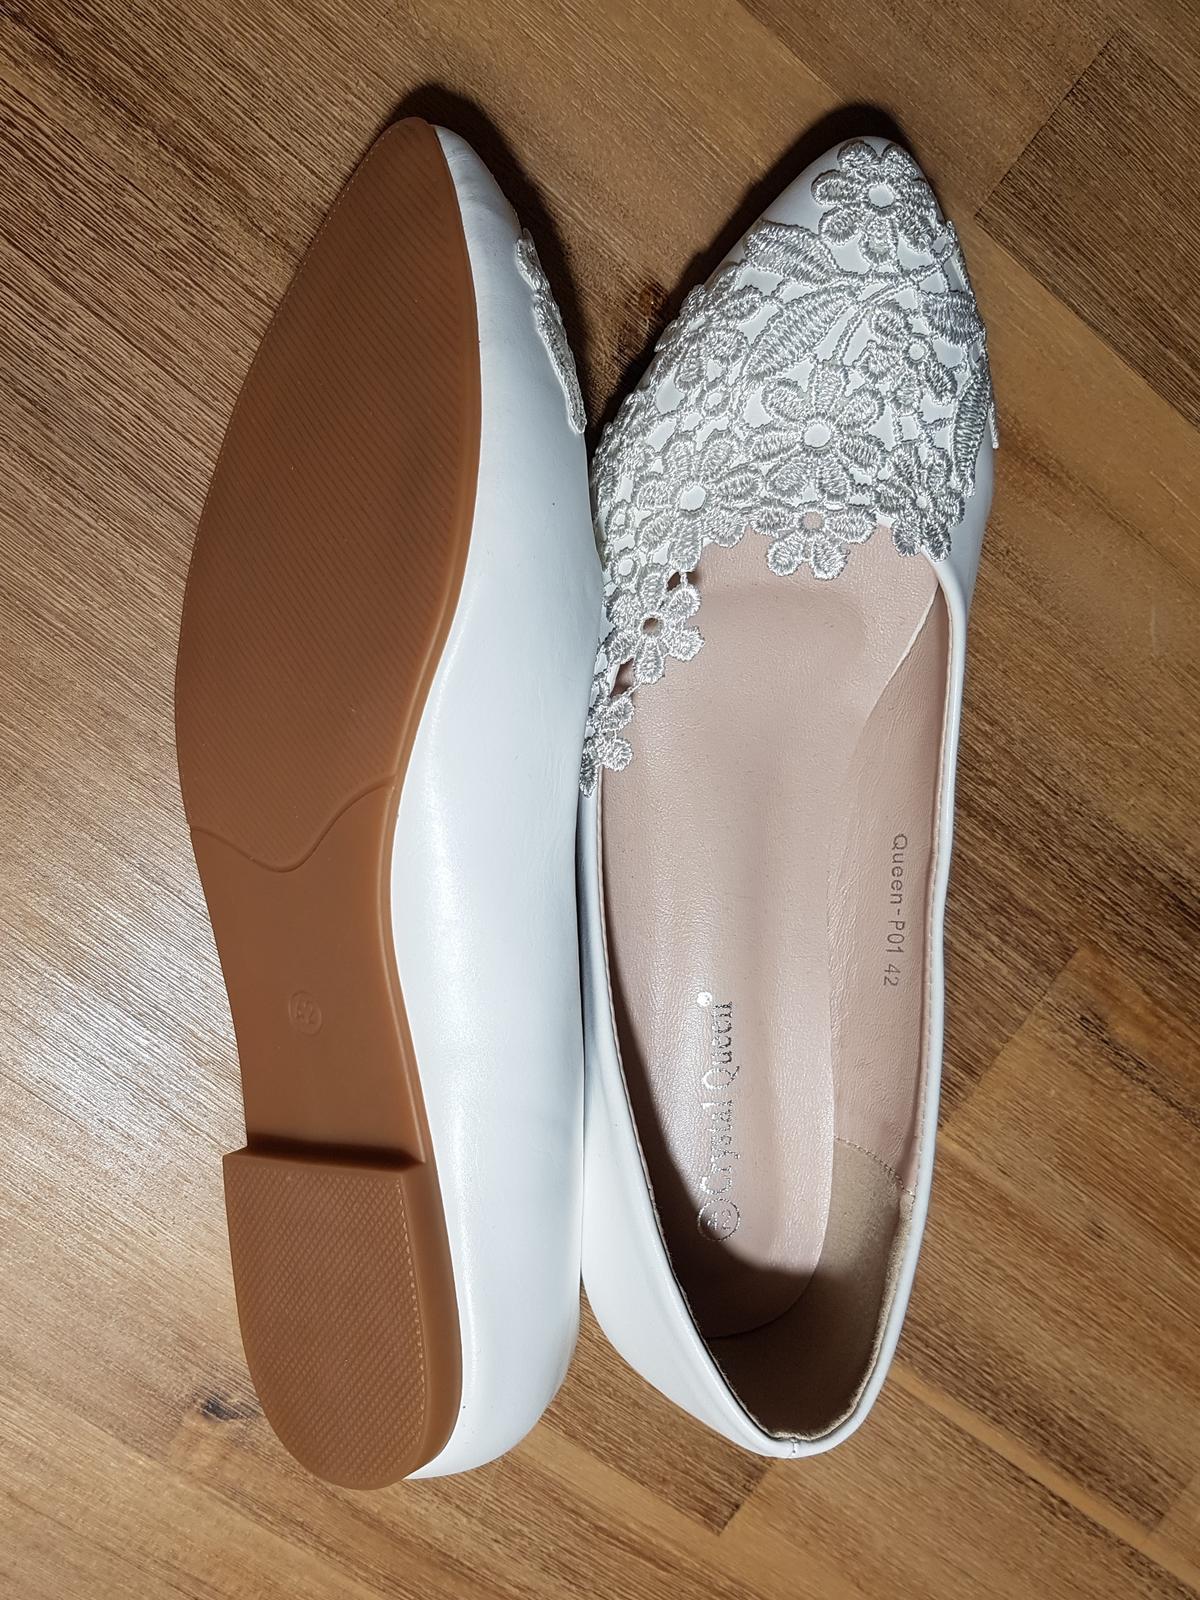 svatební baleríny - nové nenošené - Obrázek č. 3